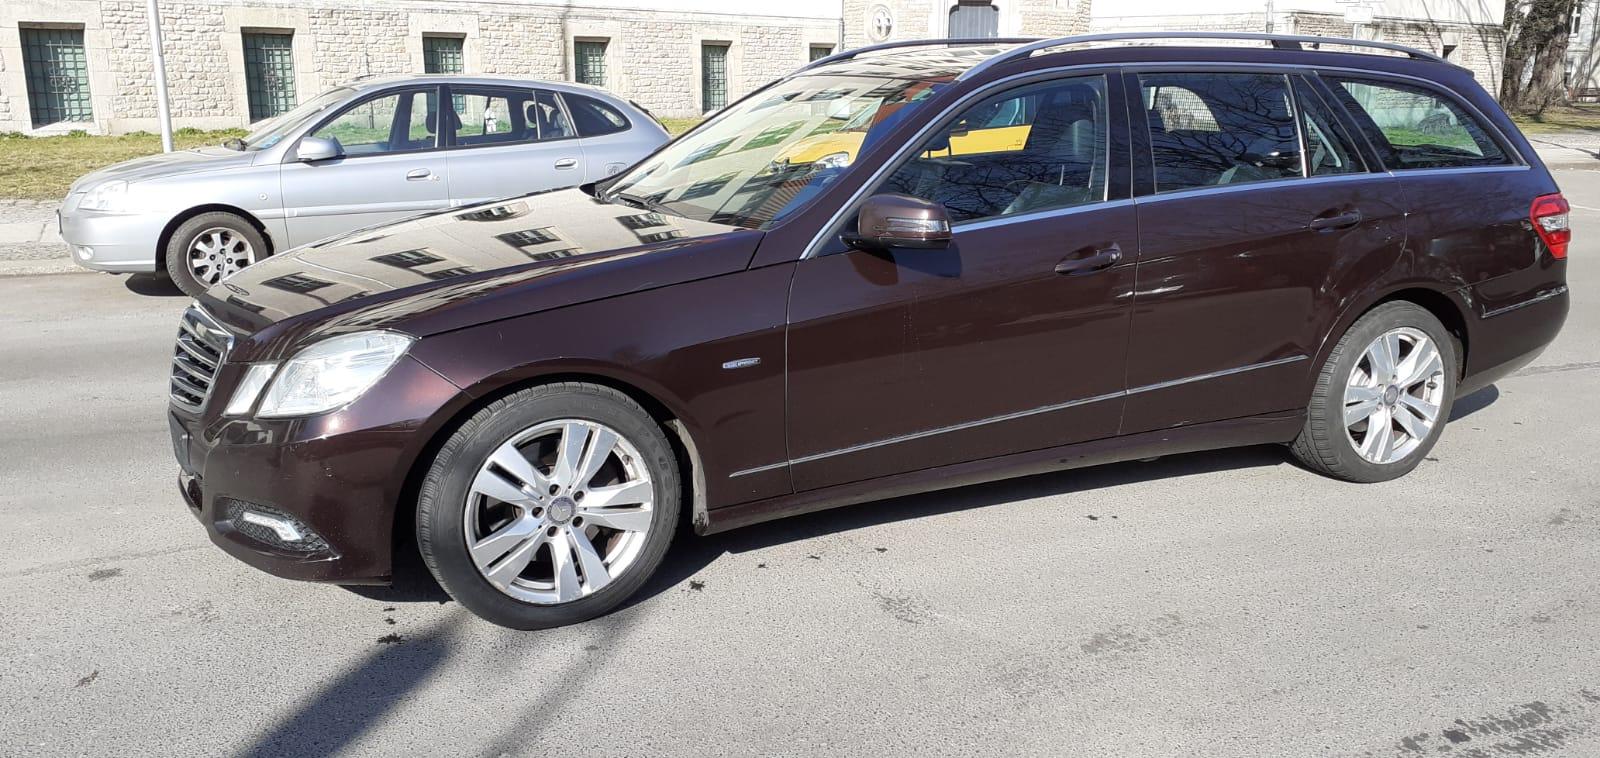 A&A Autopfandleihhaus 5911E350CDI 11